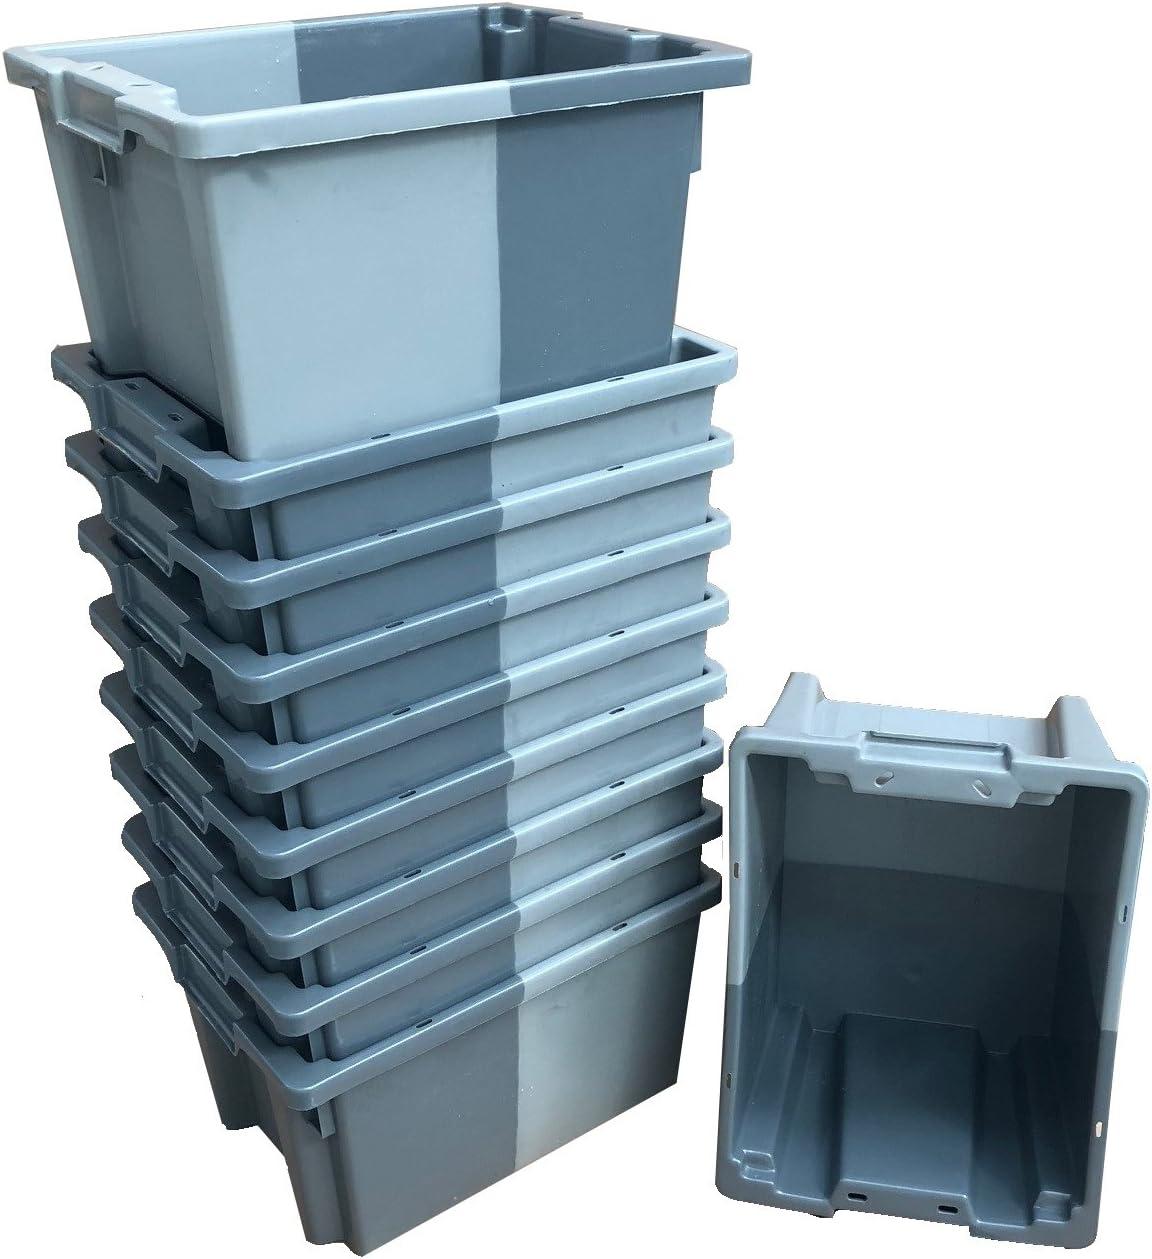 Pack de 10 x 16 litros gris pequeño apilado/nido 180º caja de almacenamiento de plástico contenedor caja de almacenamiento – 400 x 300 mm Euroapilable/resistencia industrial anidable: Amazon.es: Bricolaje y herramientas